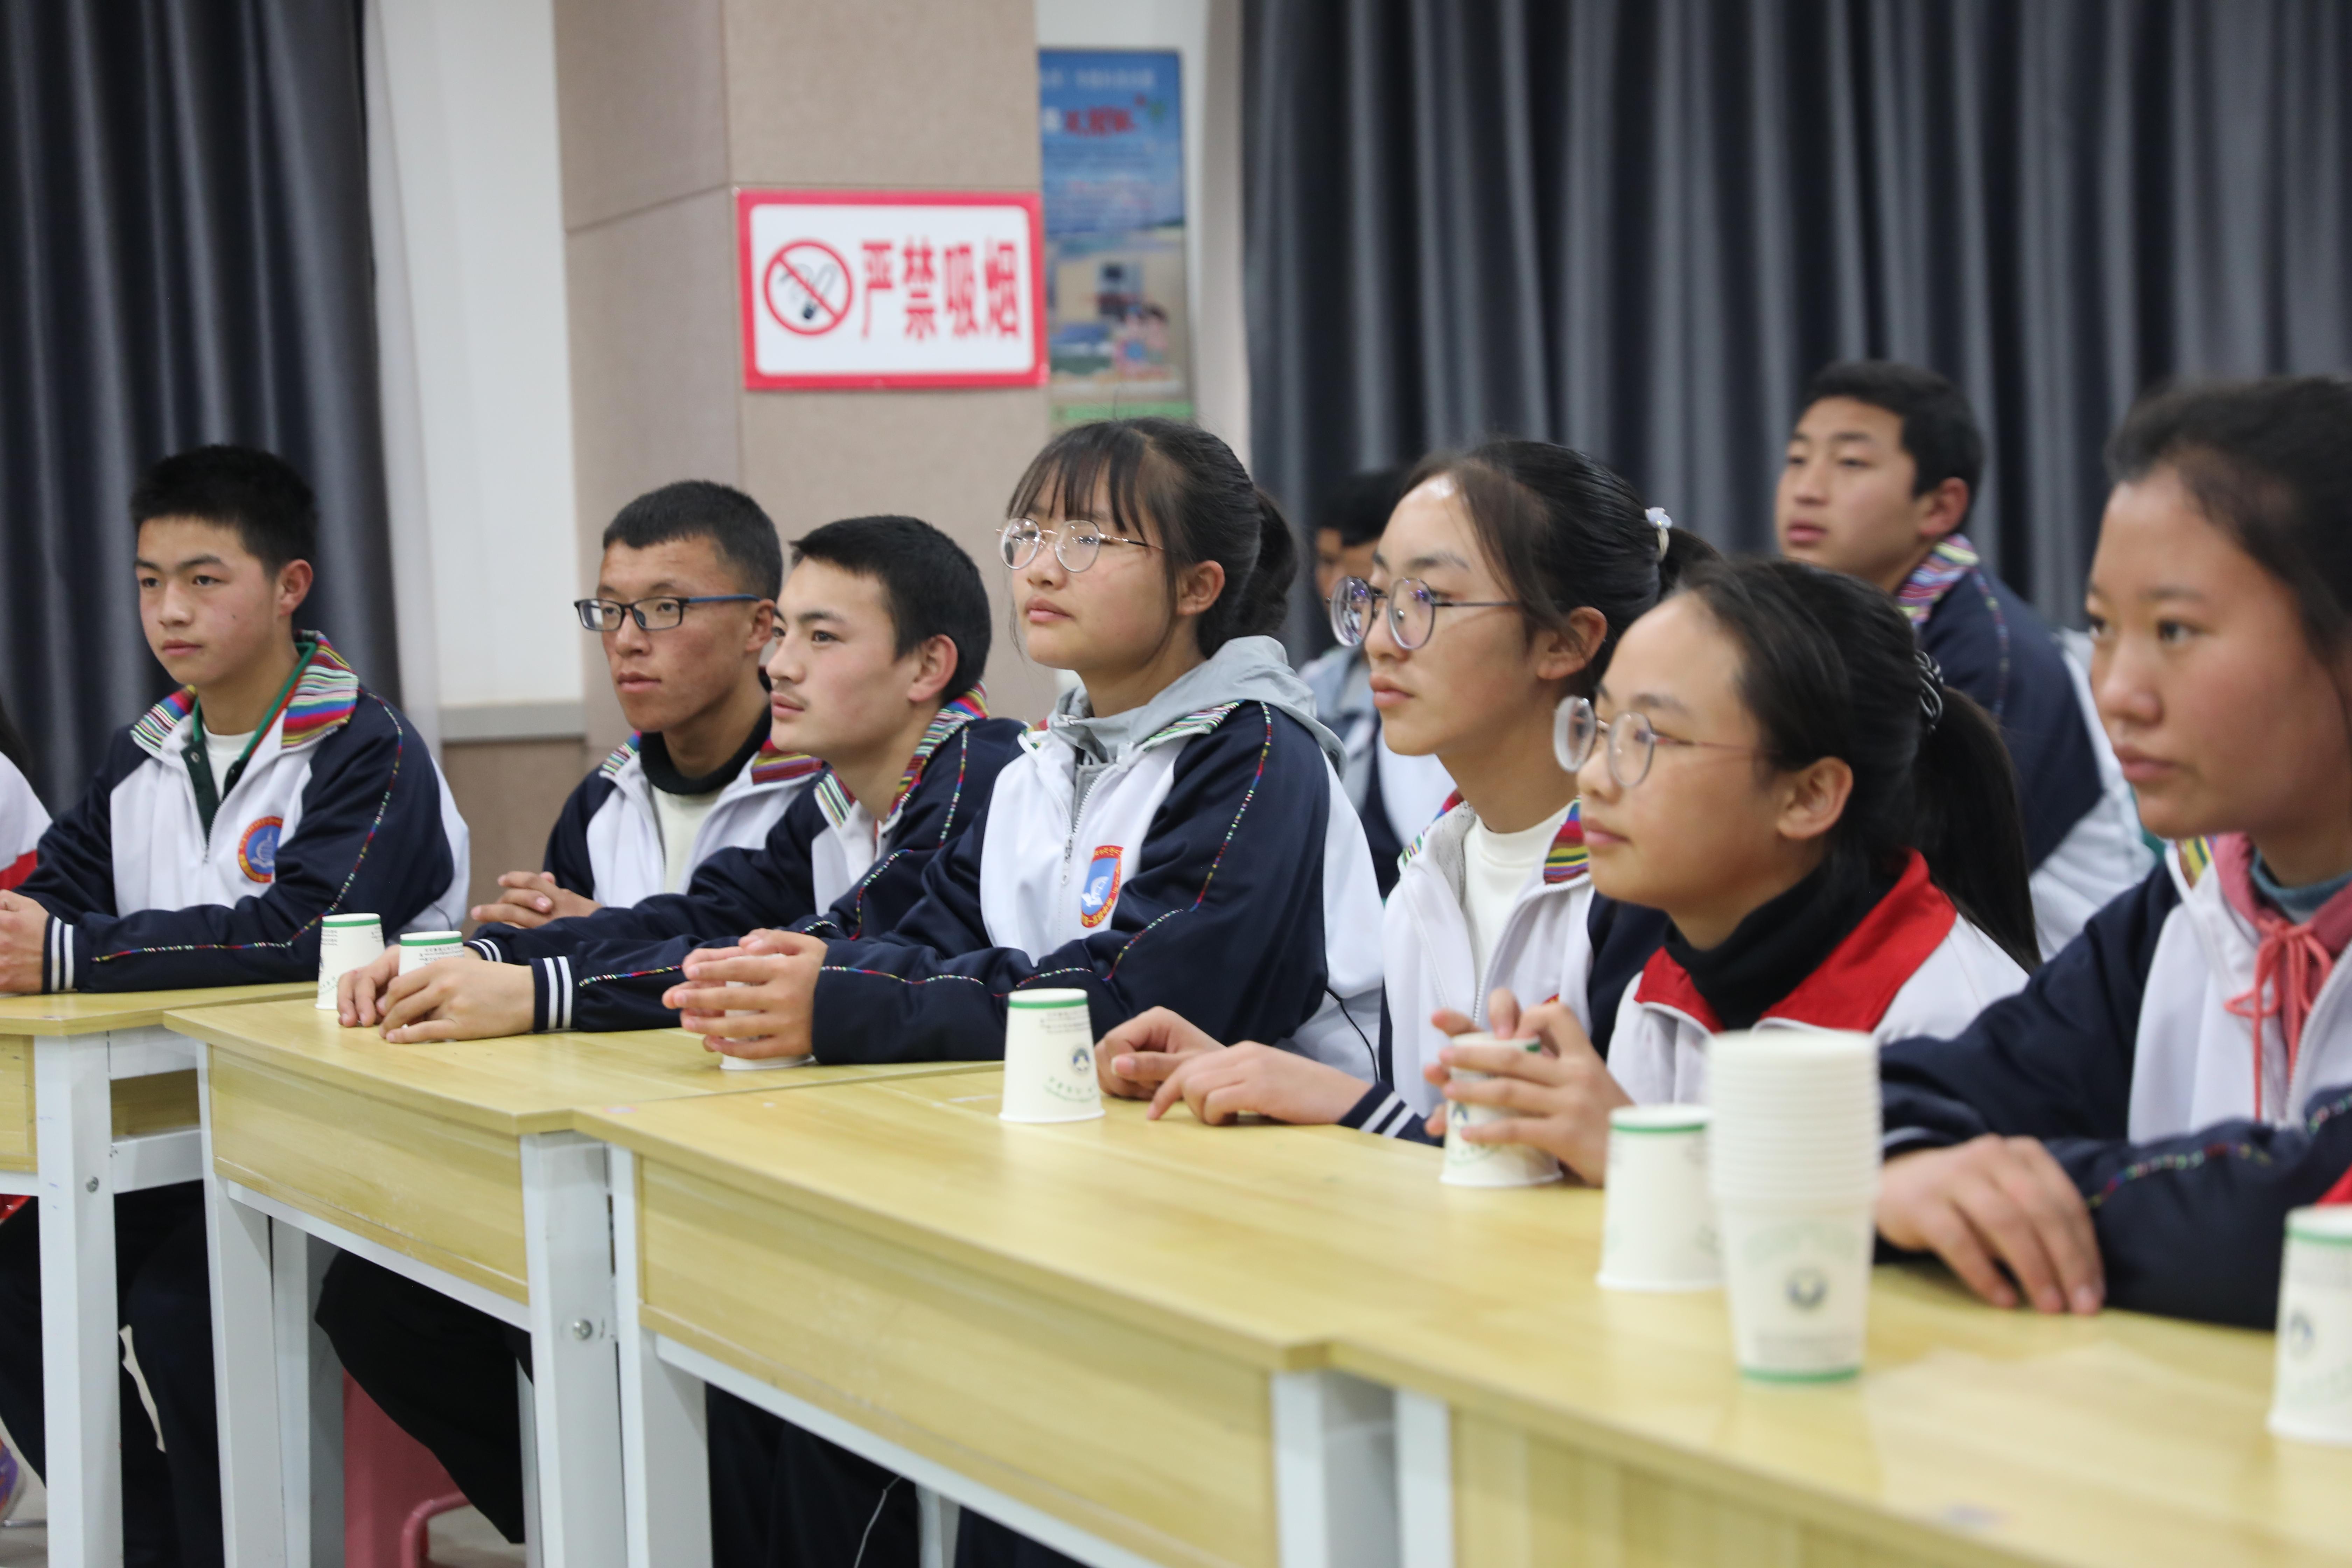 同學們認真聆聽老師講述歌曲背景.JPG